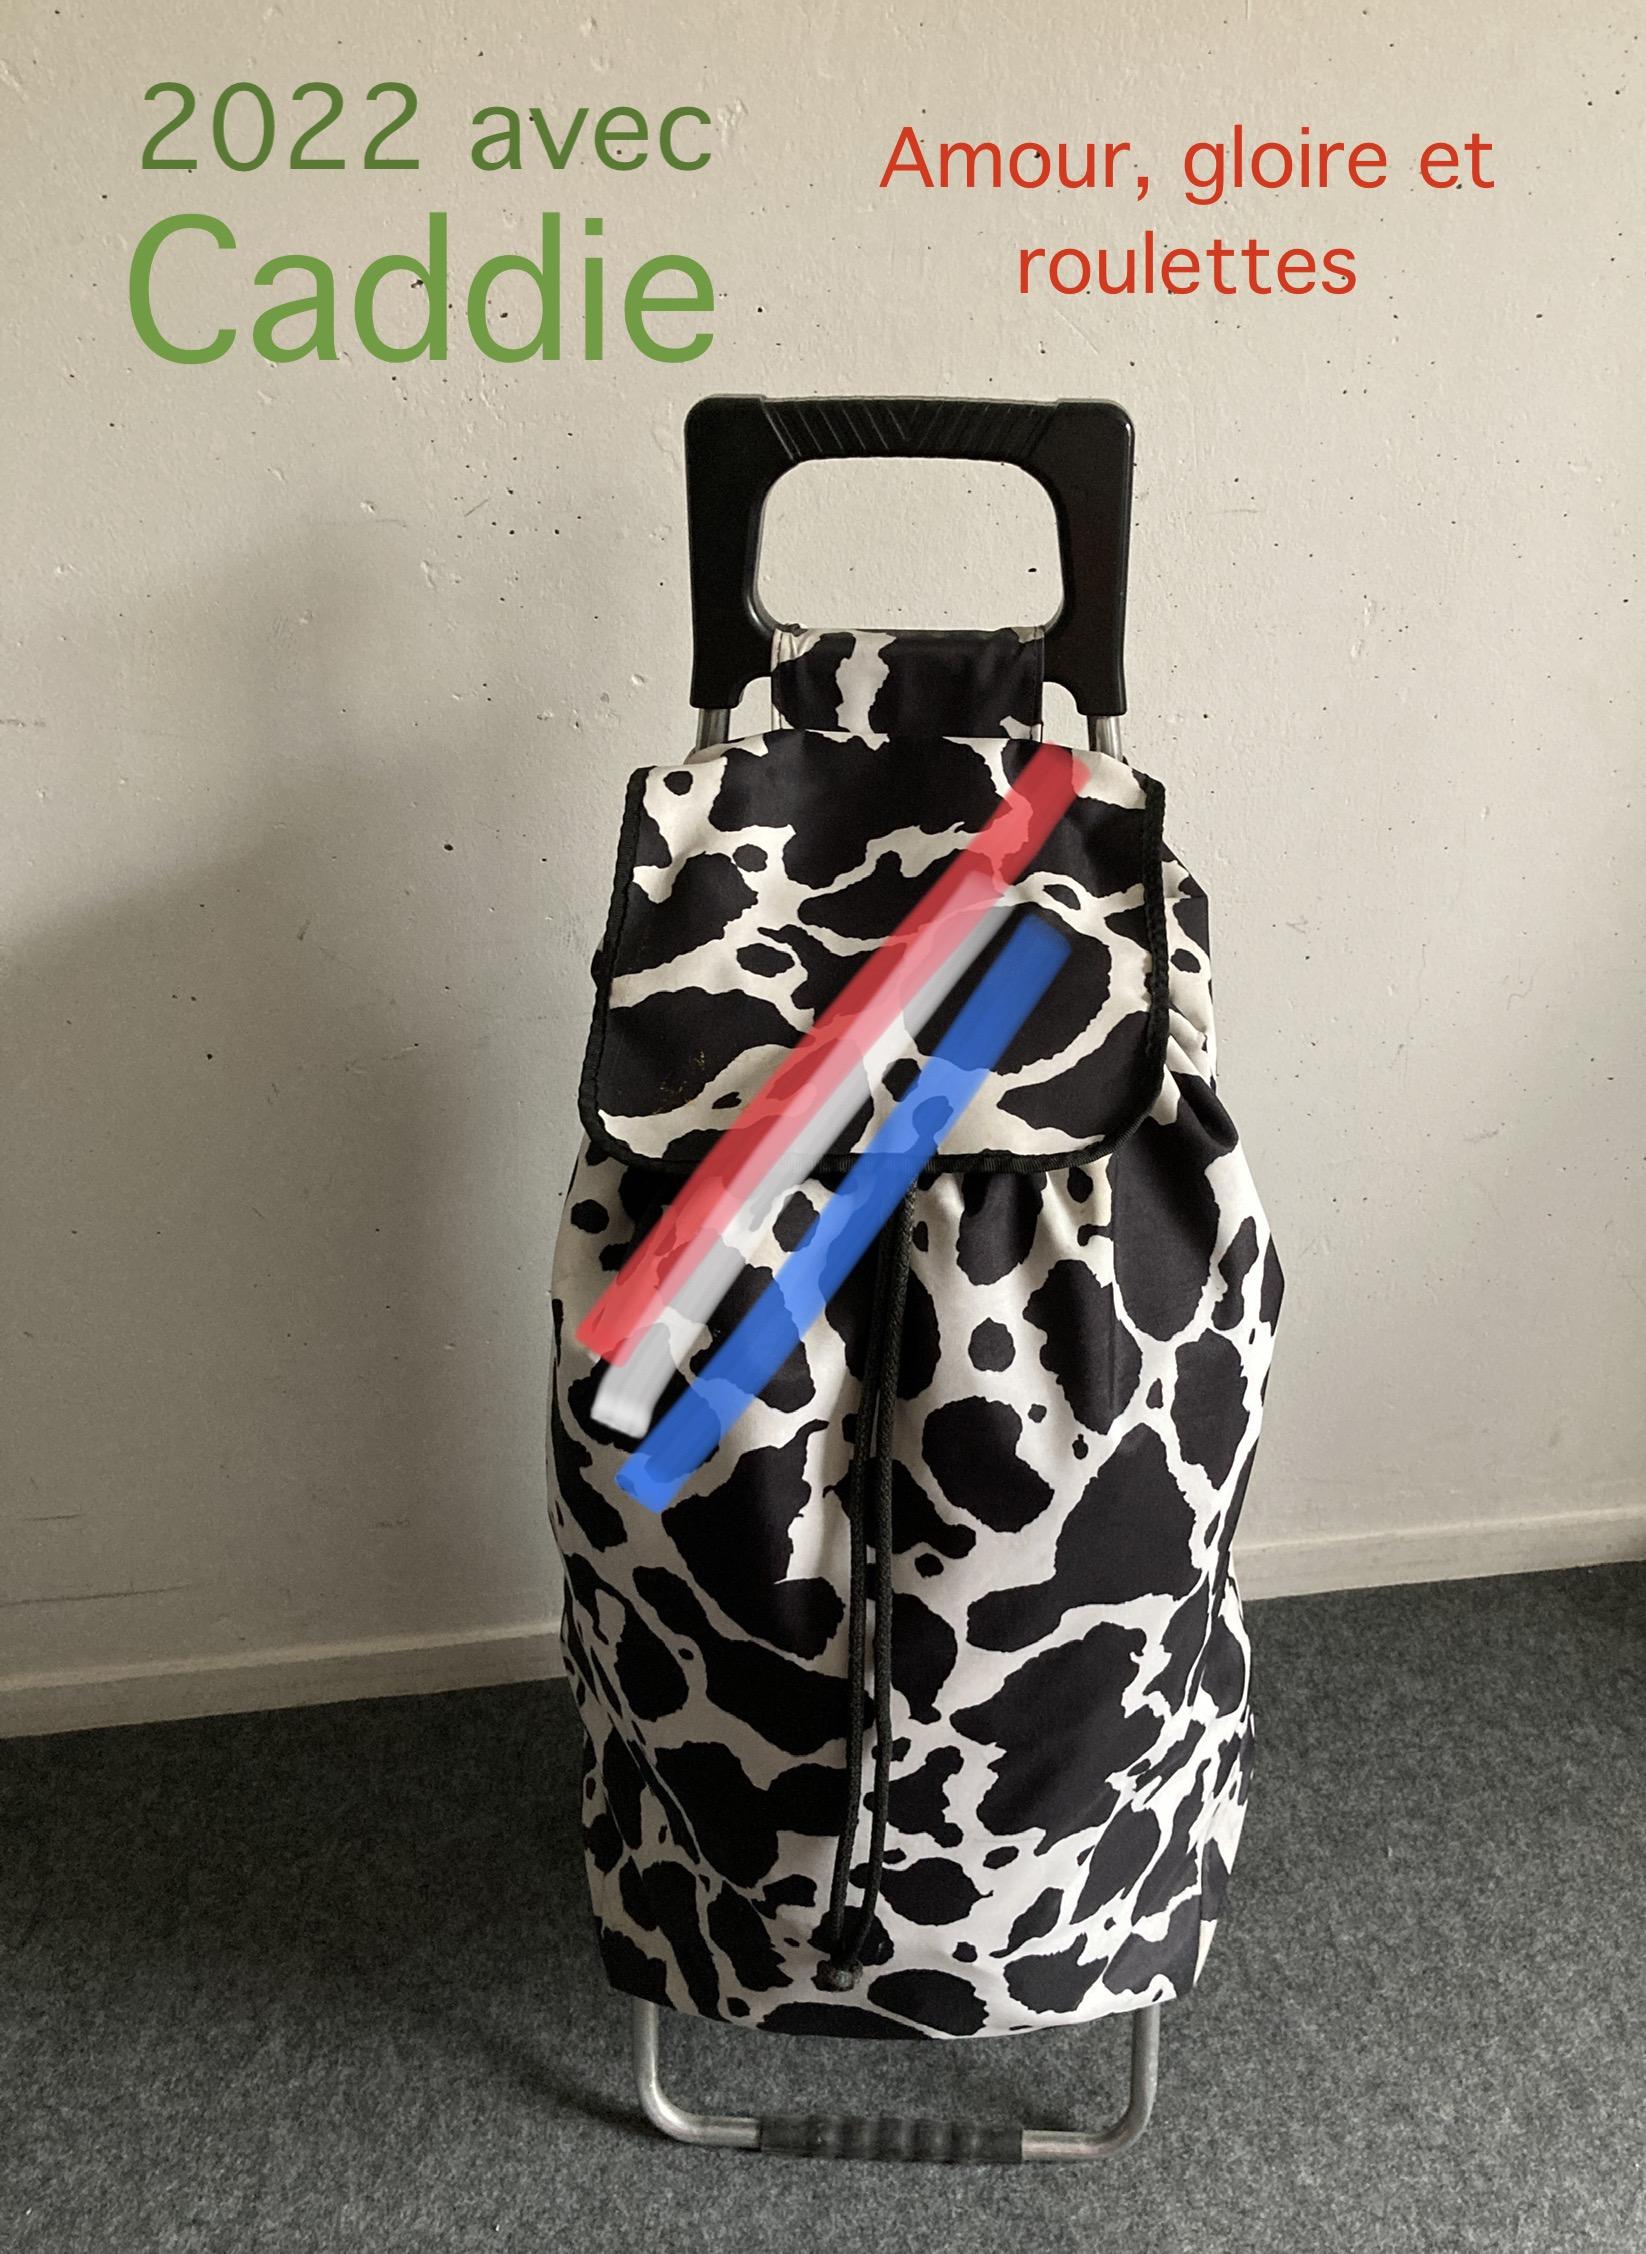 Caddie, barré de tricolore, avec en slogan : 20222 avec Caddie, amour, gloire et roulettes !